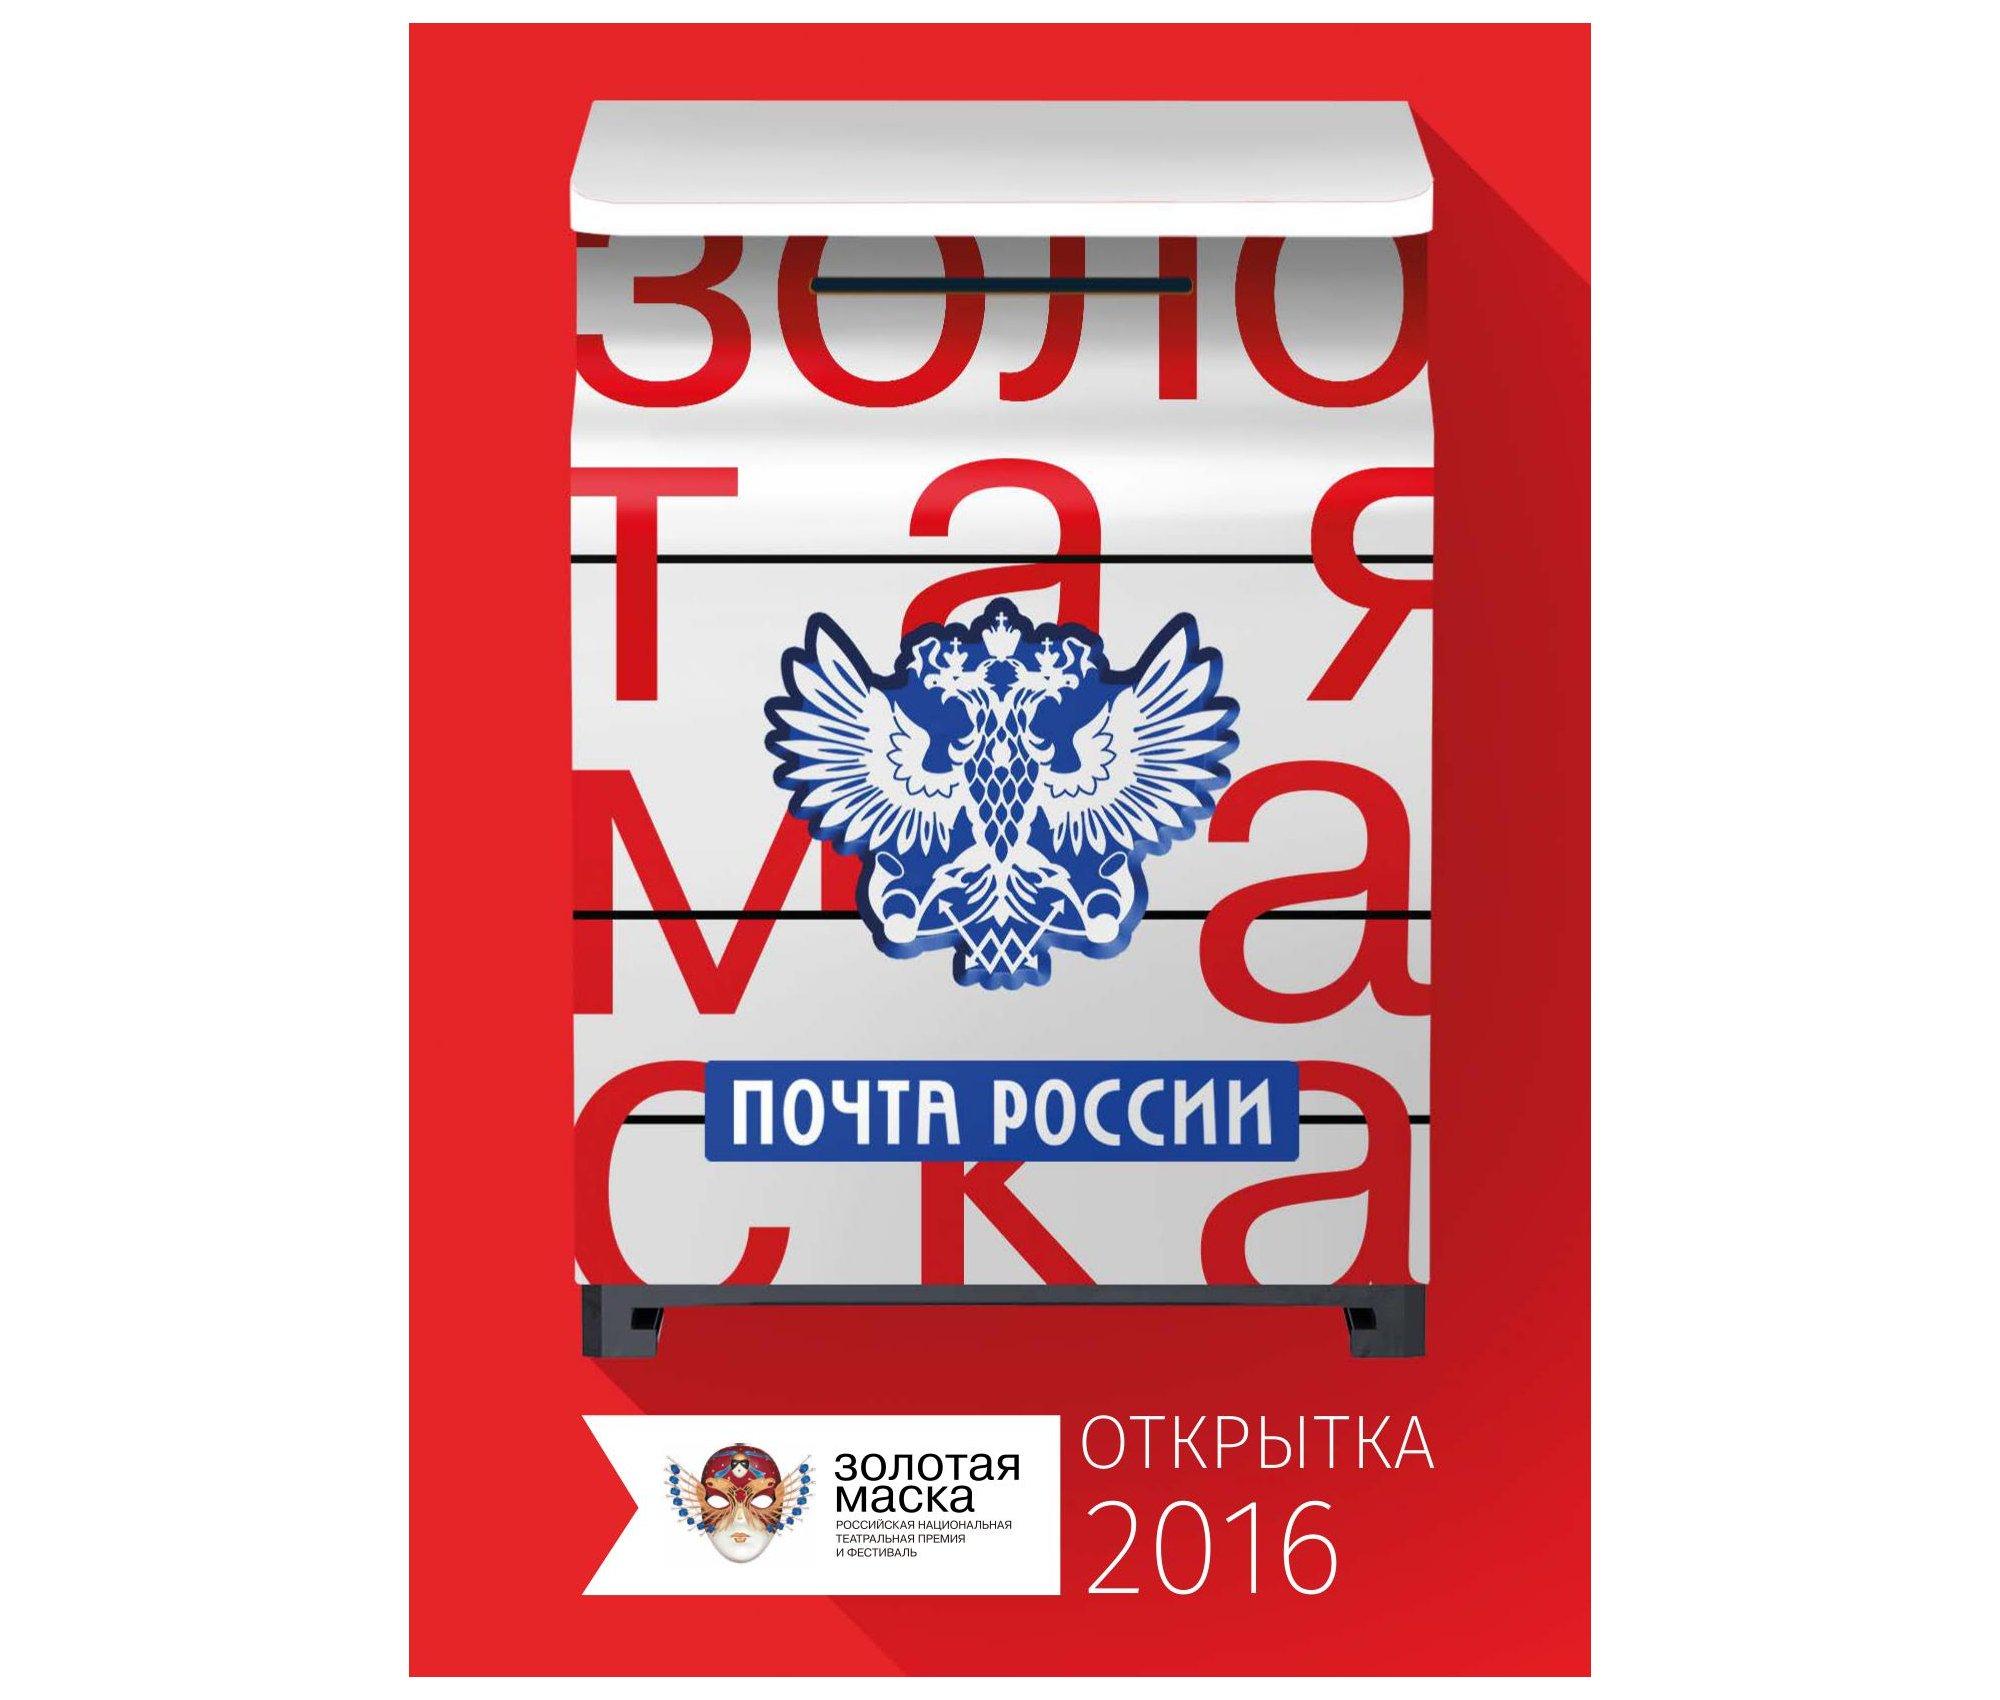 Музыкальная открытка почта россии, английском языке